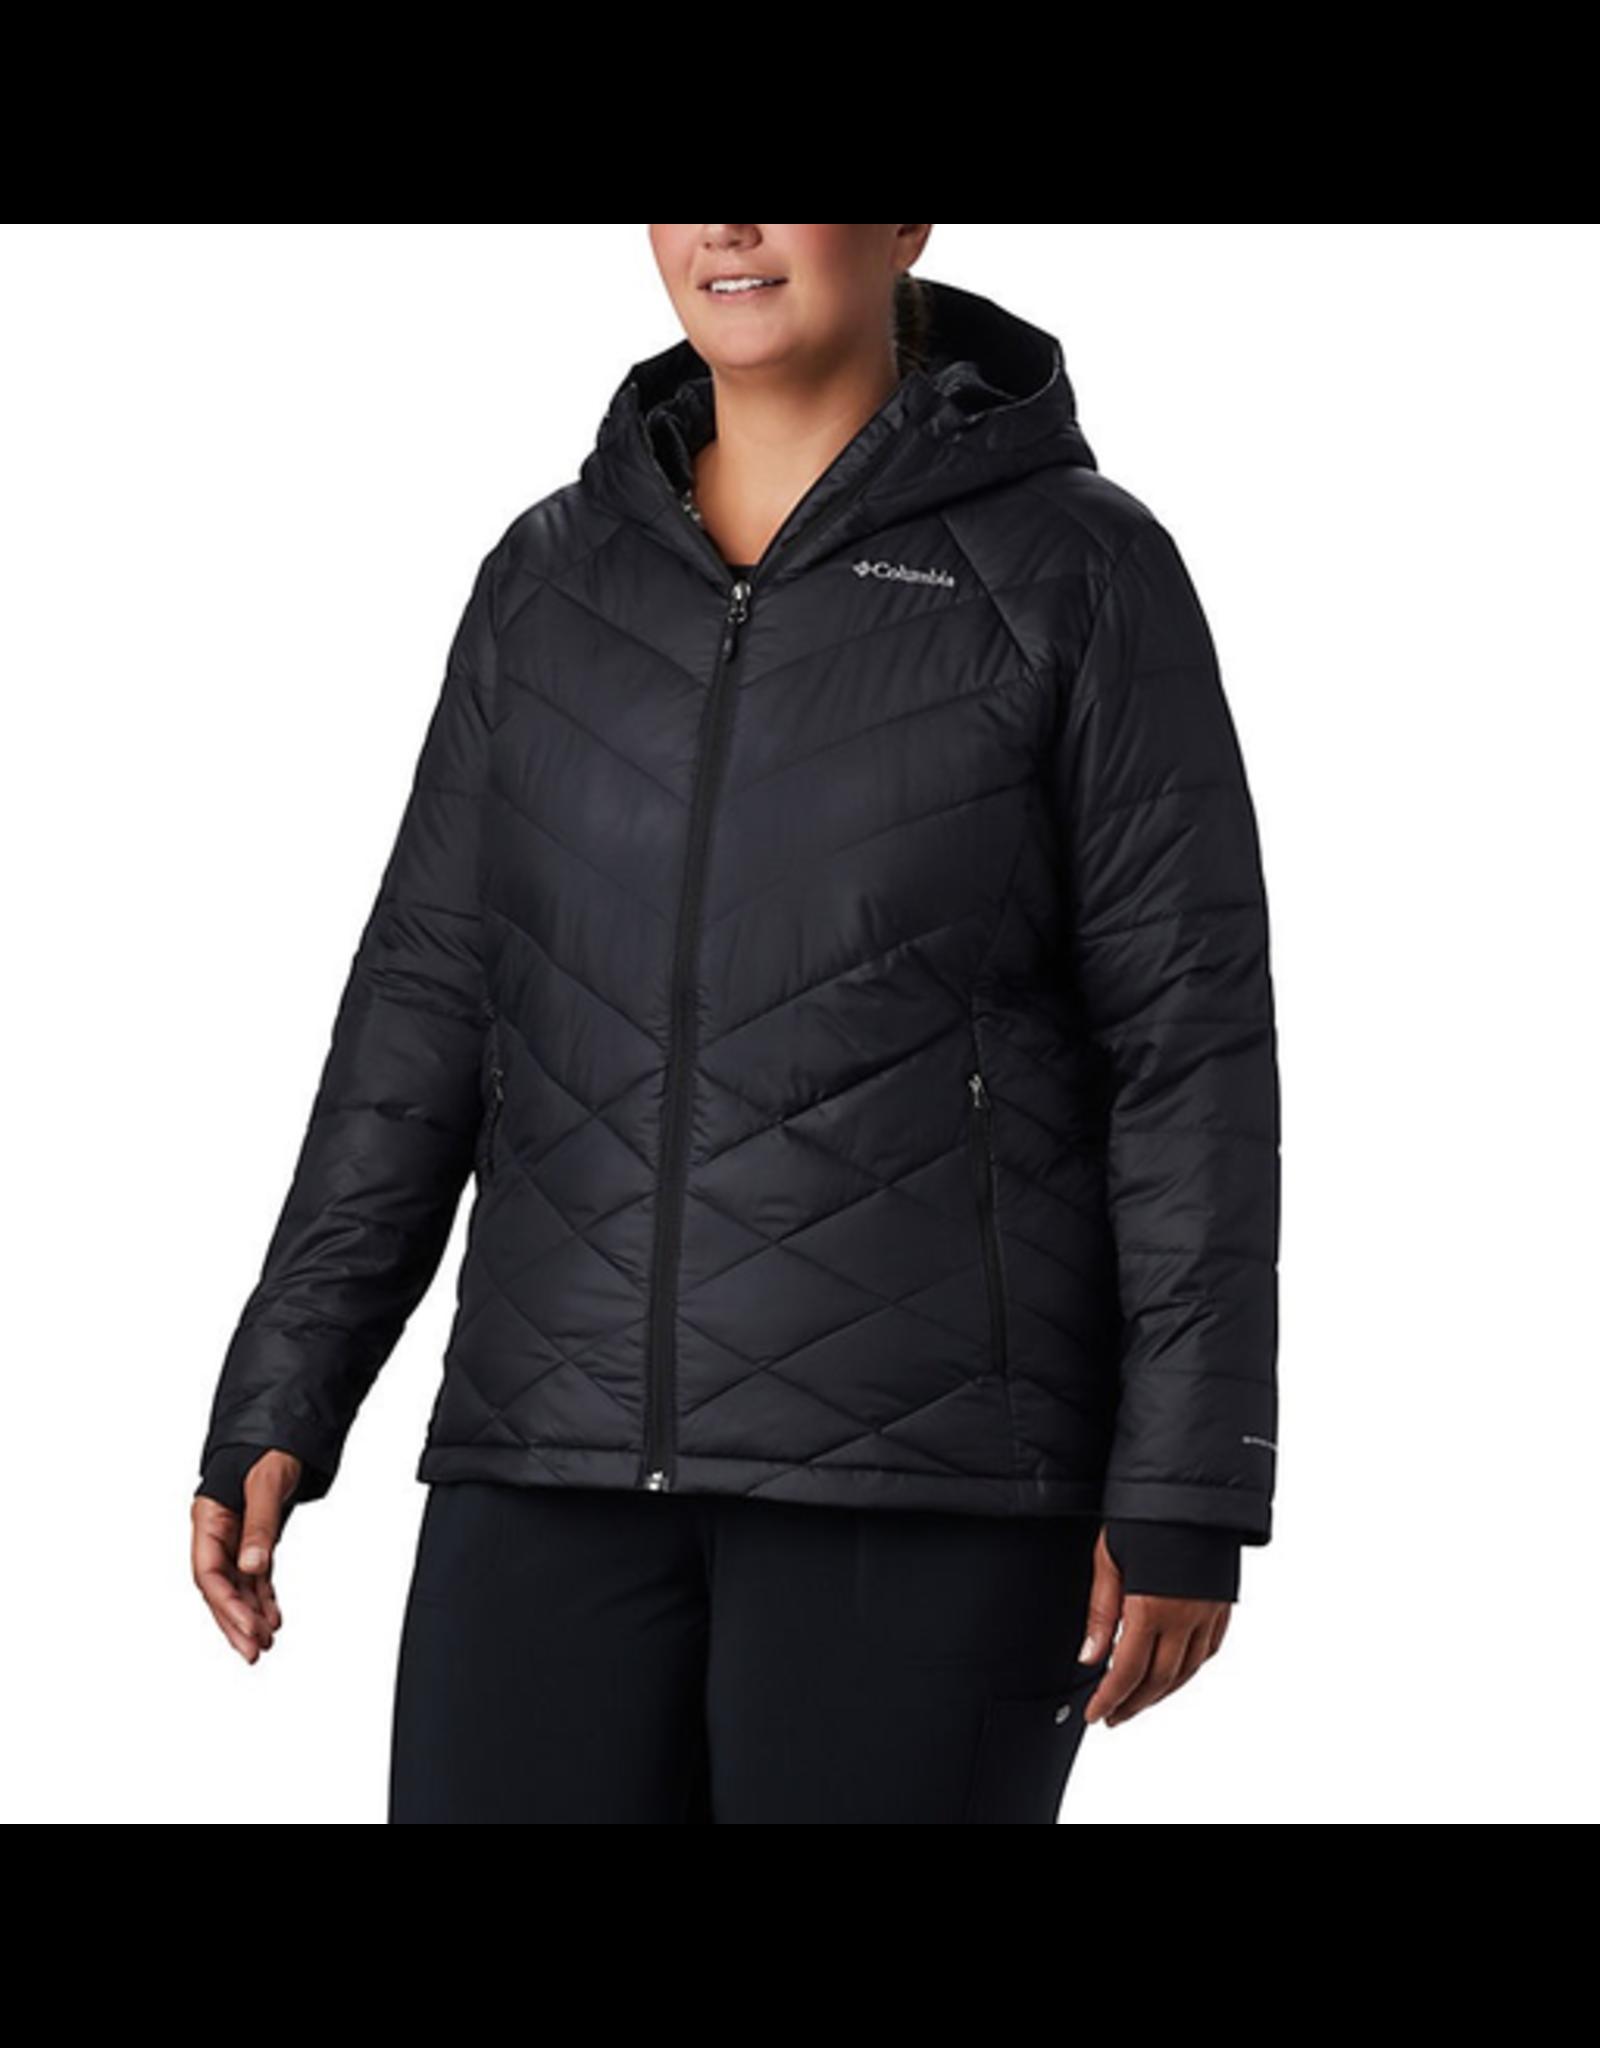 Columbia Columbia Women's Heavenly Hooded Jacket - Plus Size